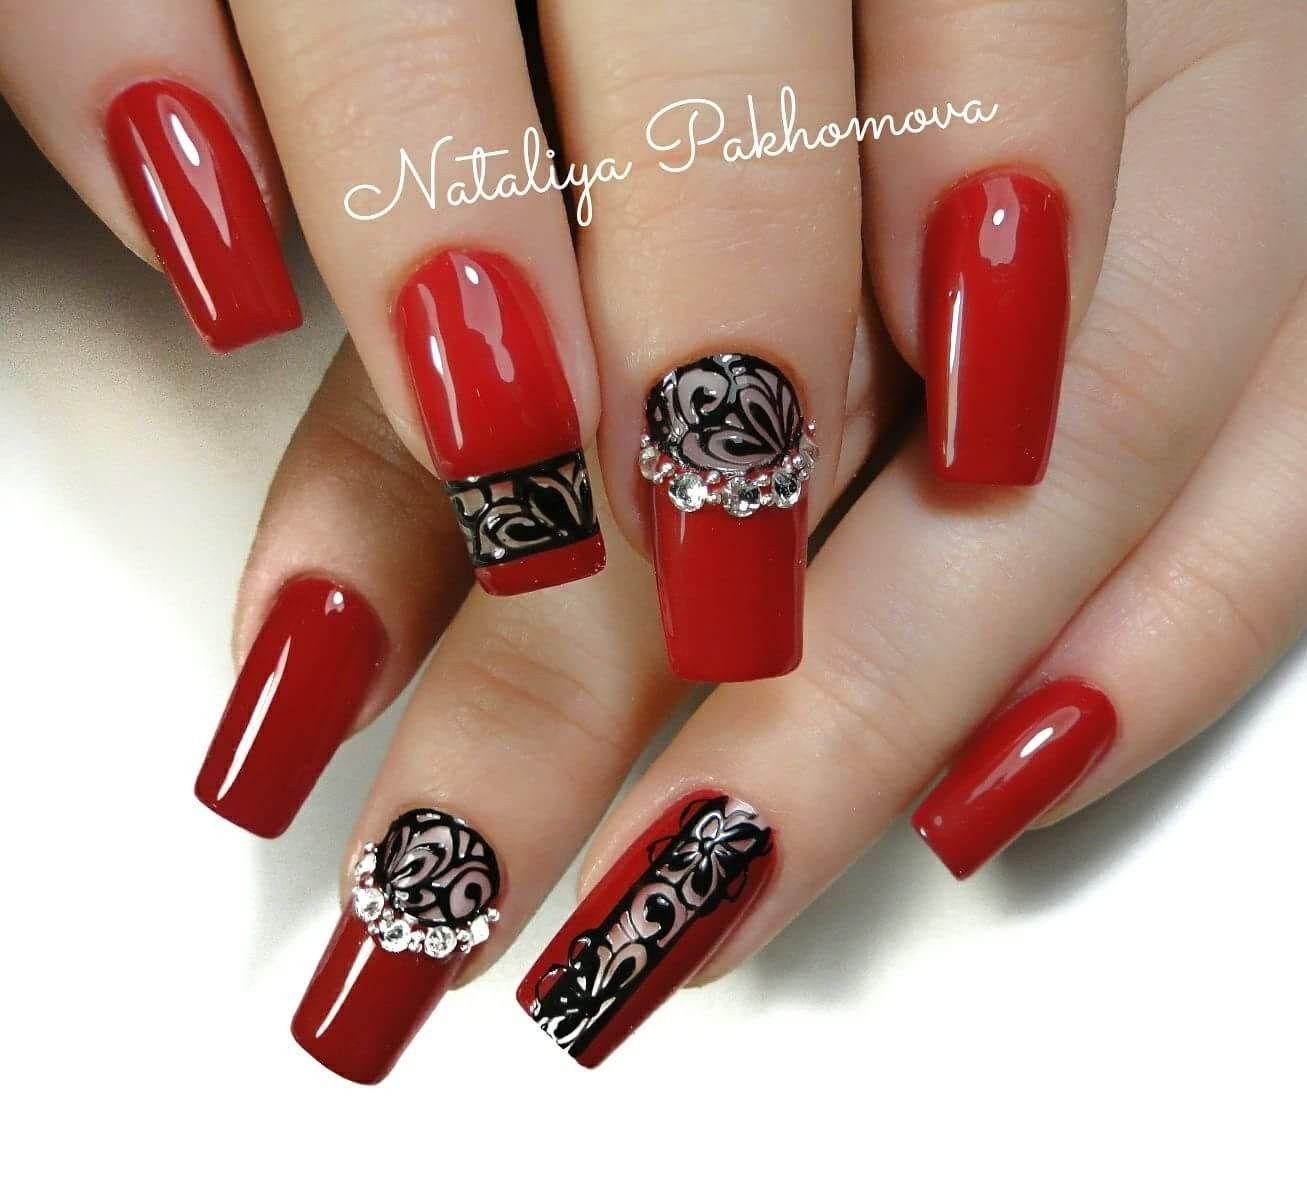 Pin By Chau Naitae Blackwolf On Nail Art Red Nail Art Designs Acrylic Nails Gel Nails